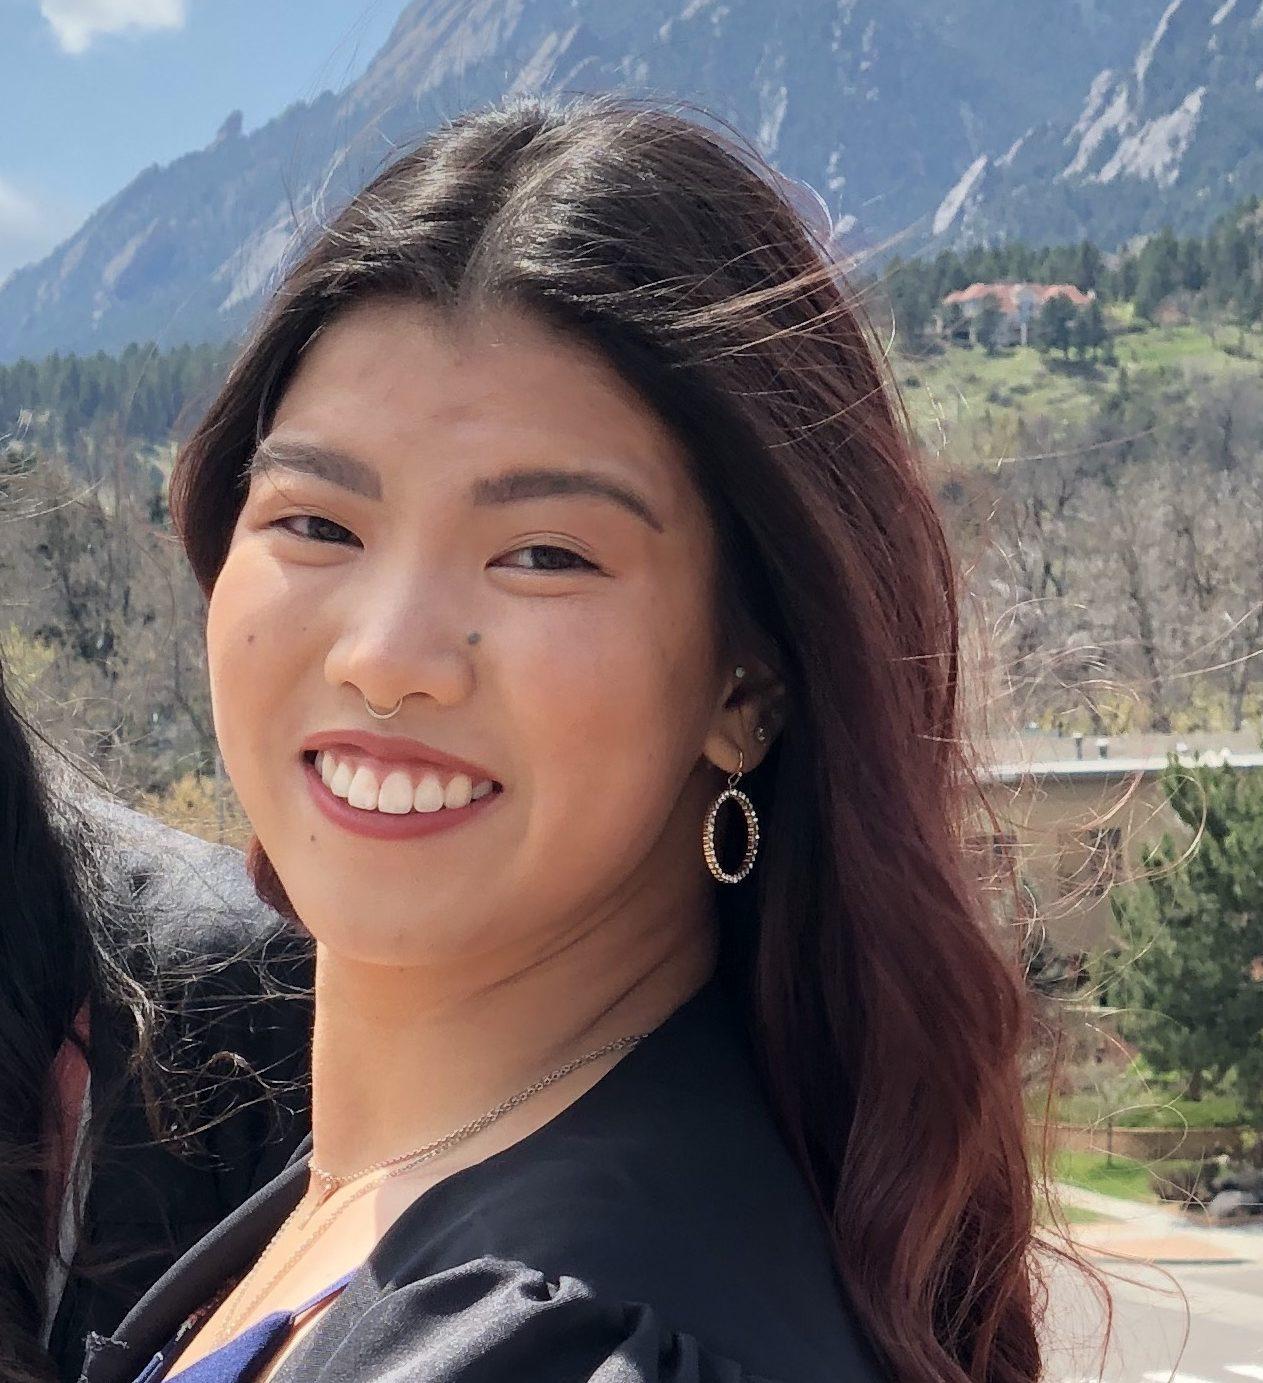 Madison Rodriguez